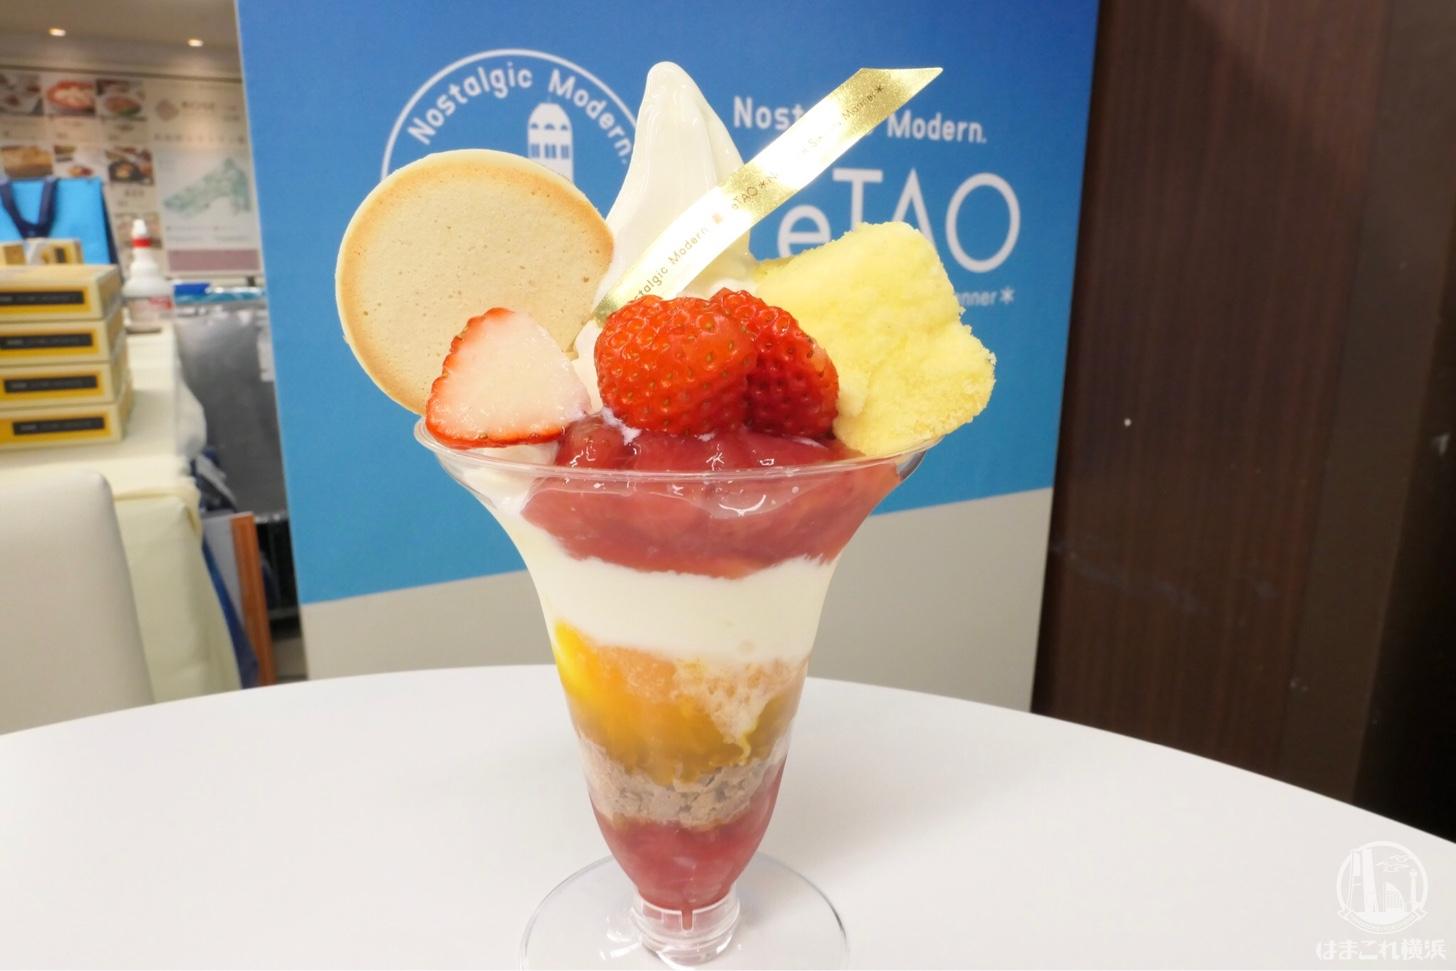 横浜高島屋限定 小樽ルタオの「しめパフェ」を食べて来た!ルタオの魅力詰まったスイーツ